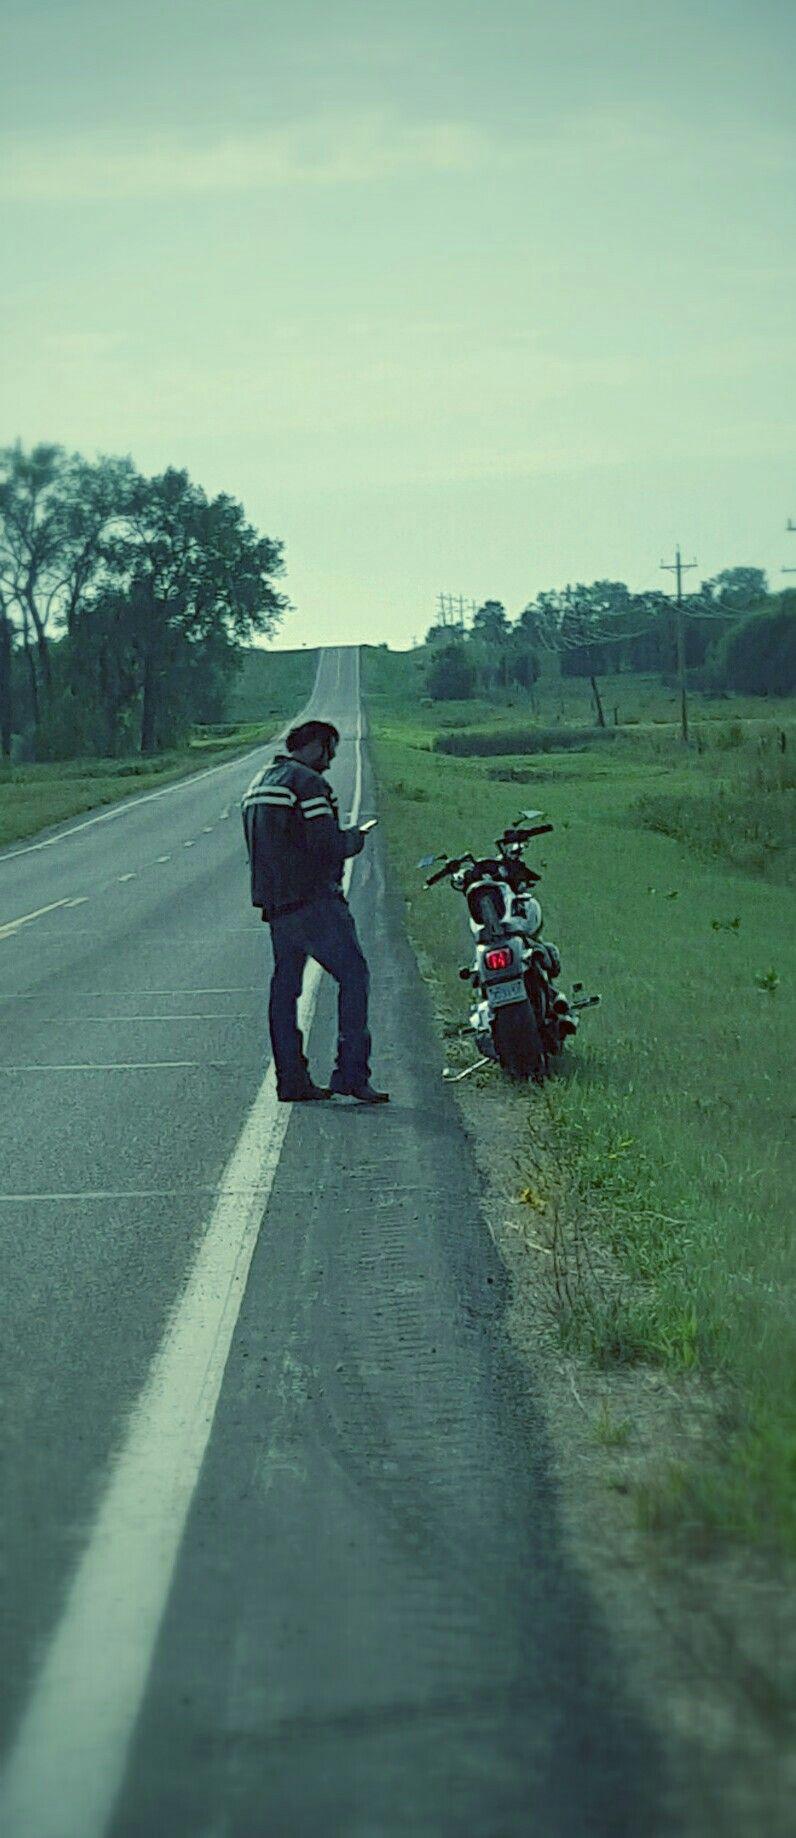 America's open road... got to love it!